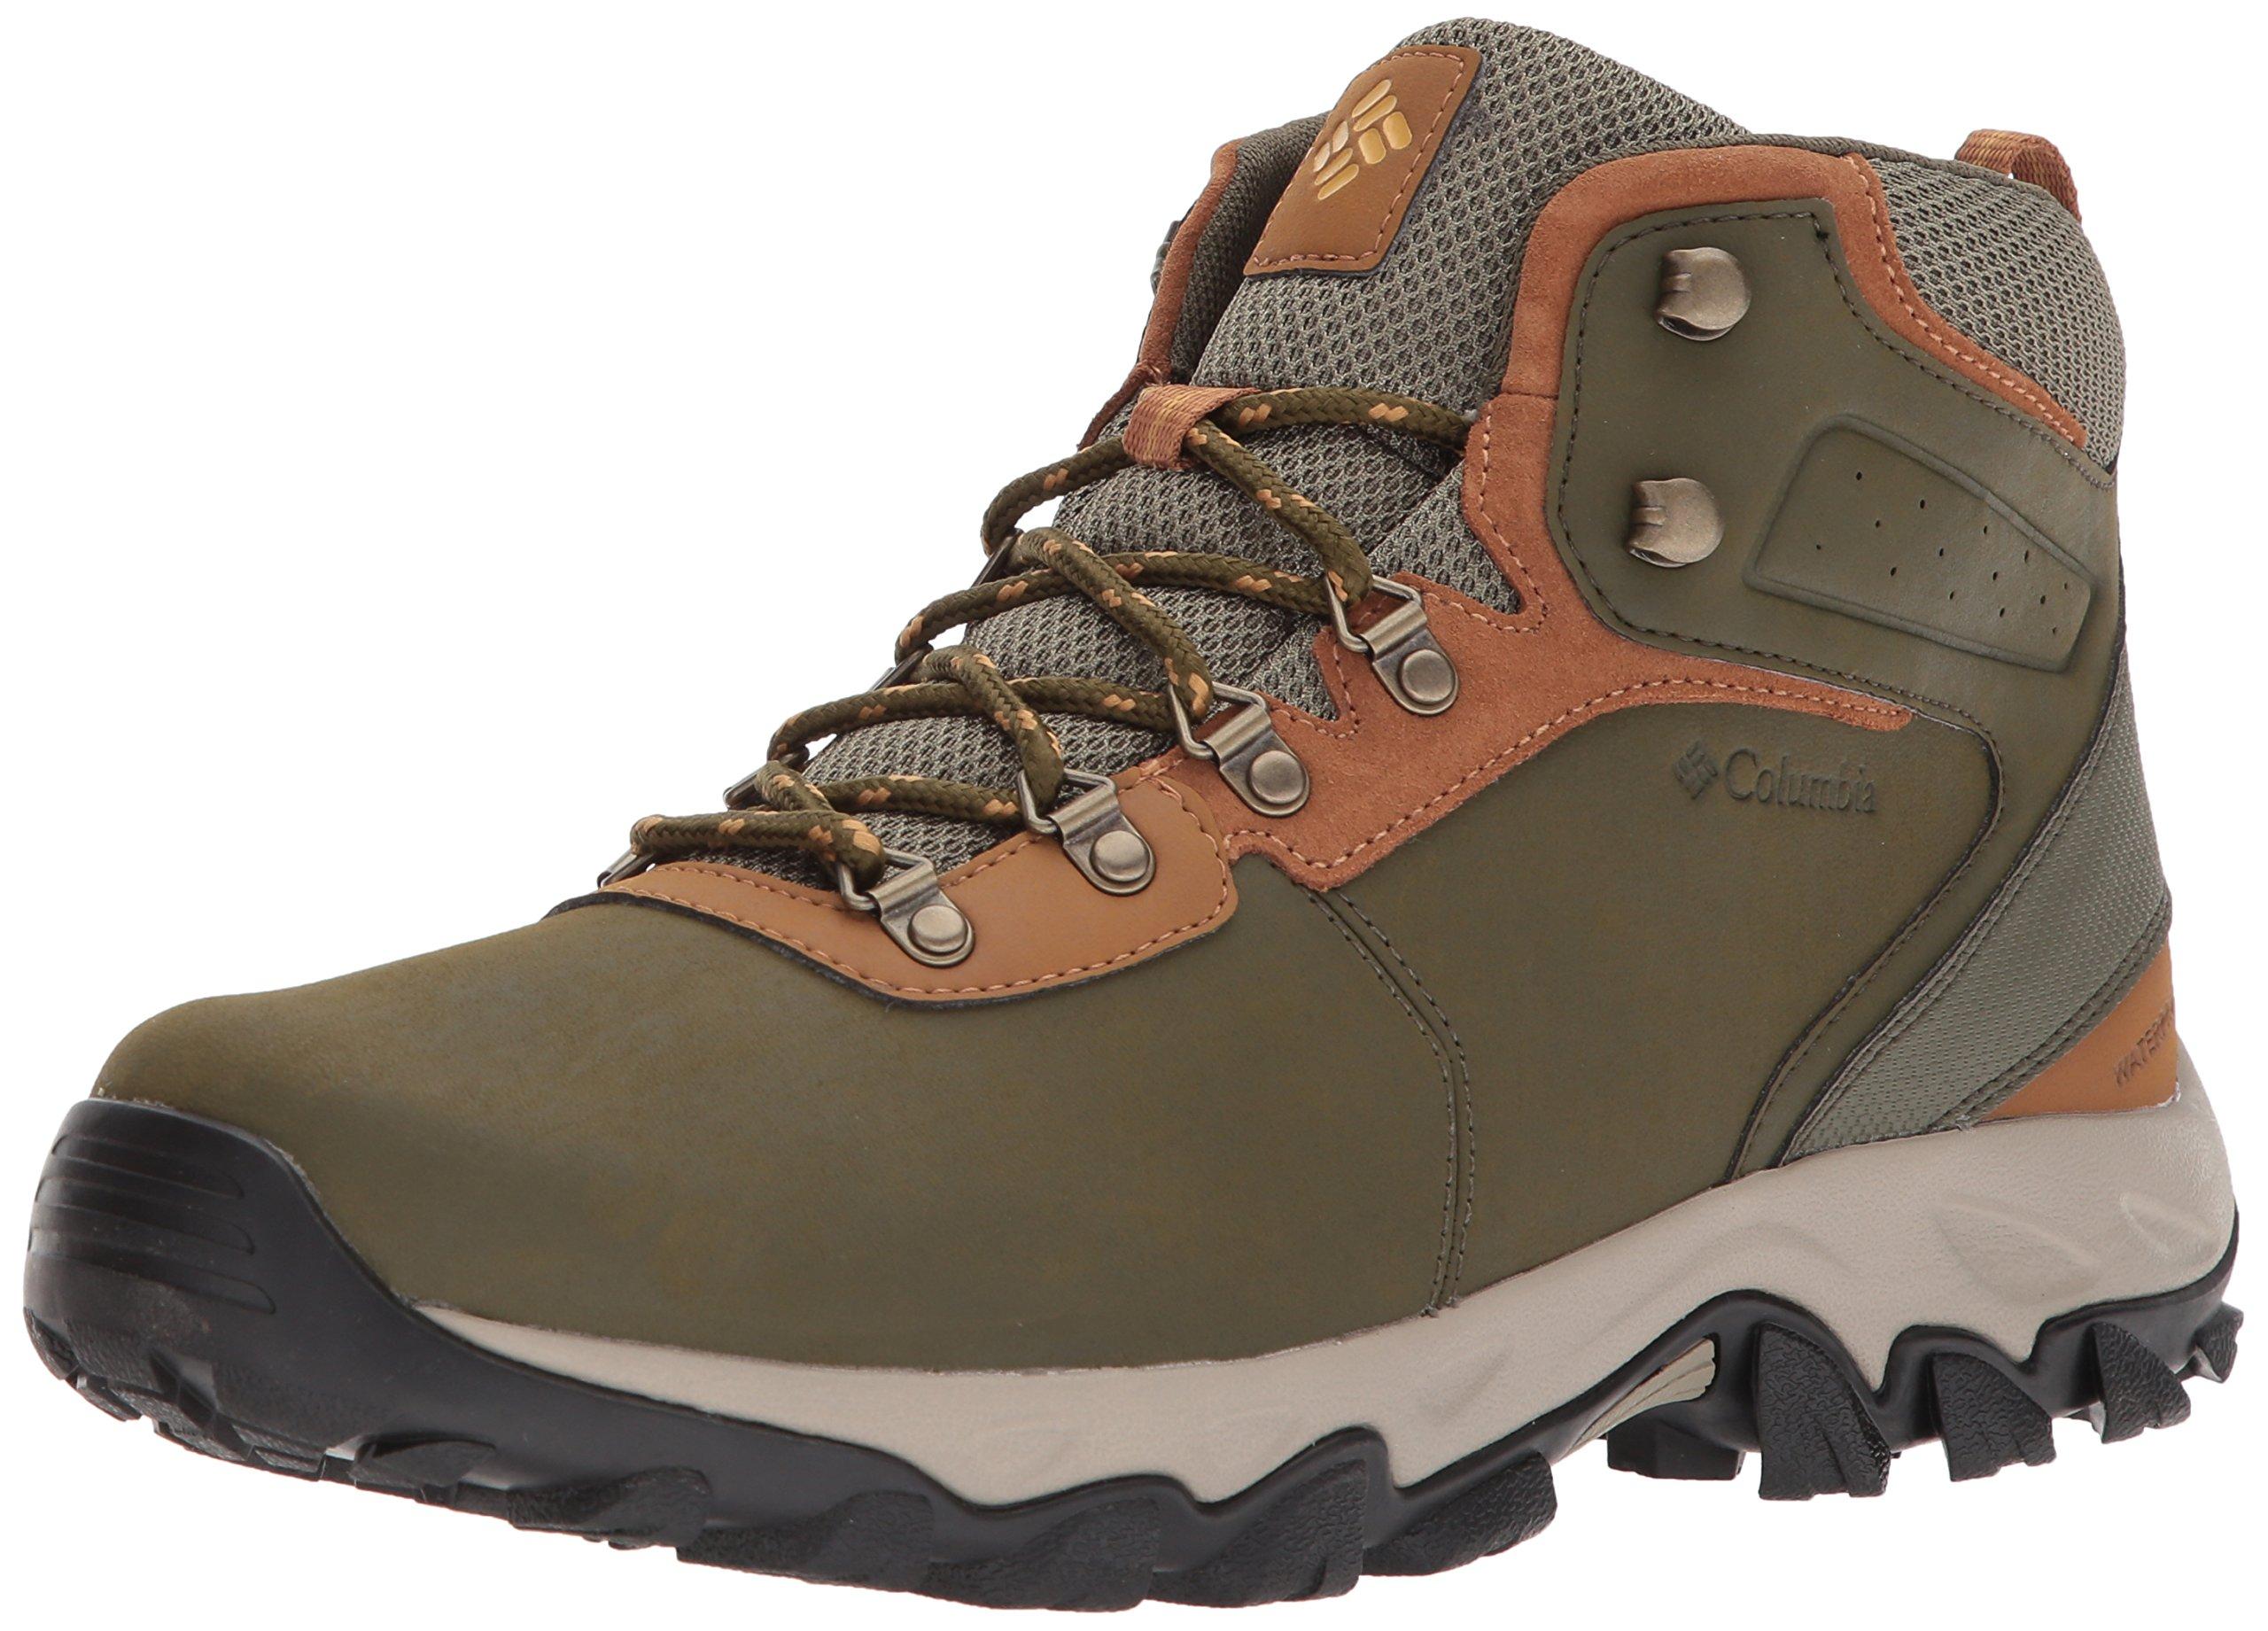 Columbia Men's Newton Ridge Plus II Waterproof Hiking Boot nori, Dark Banana 13 Regular US